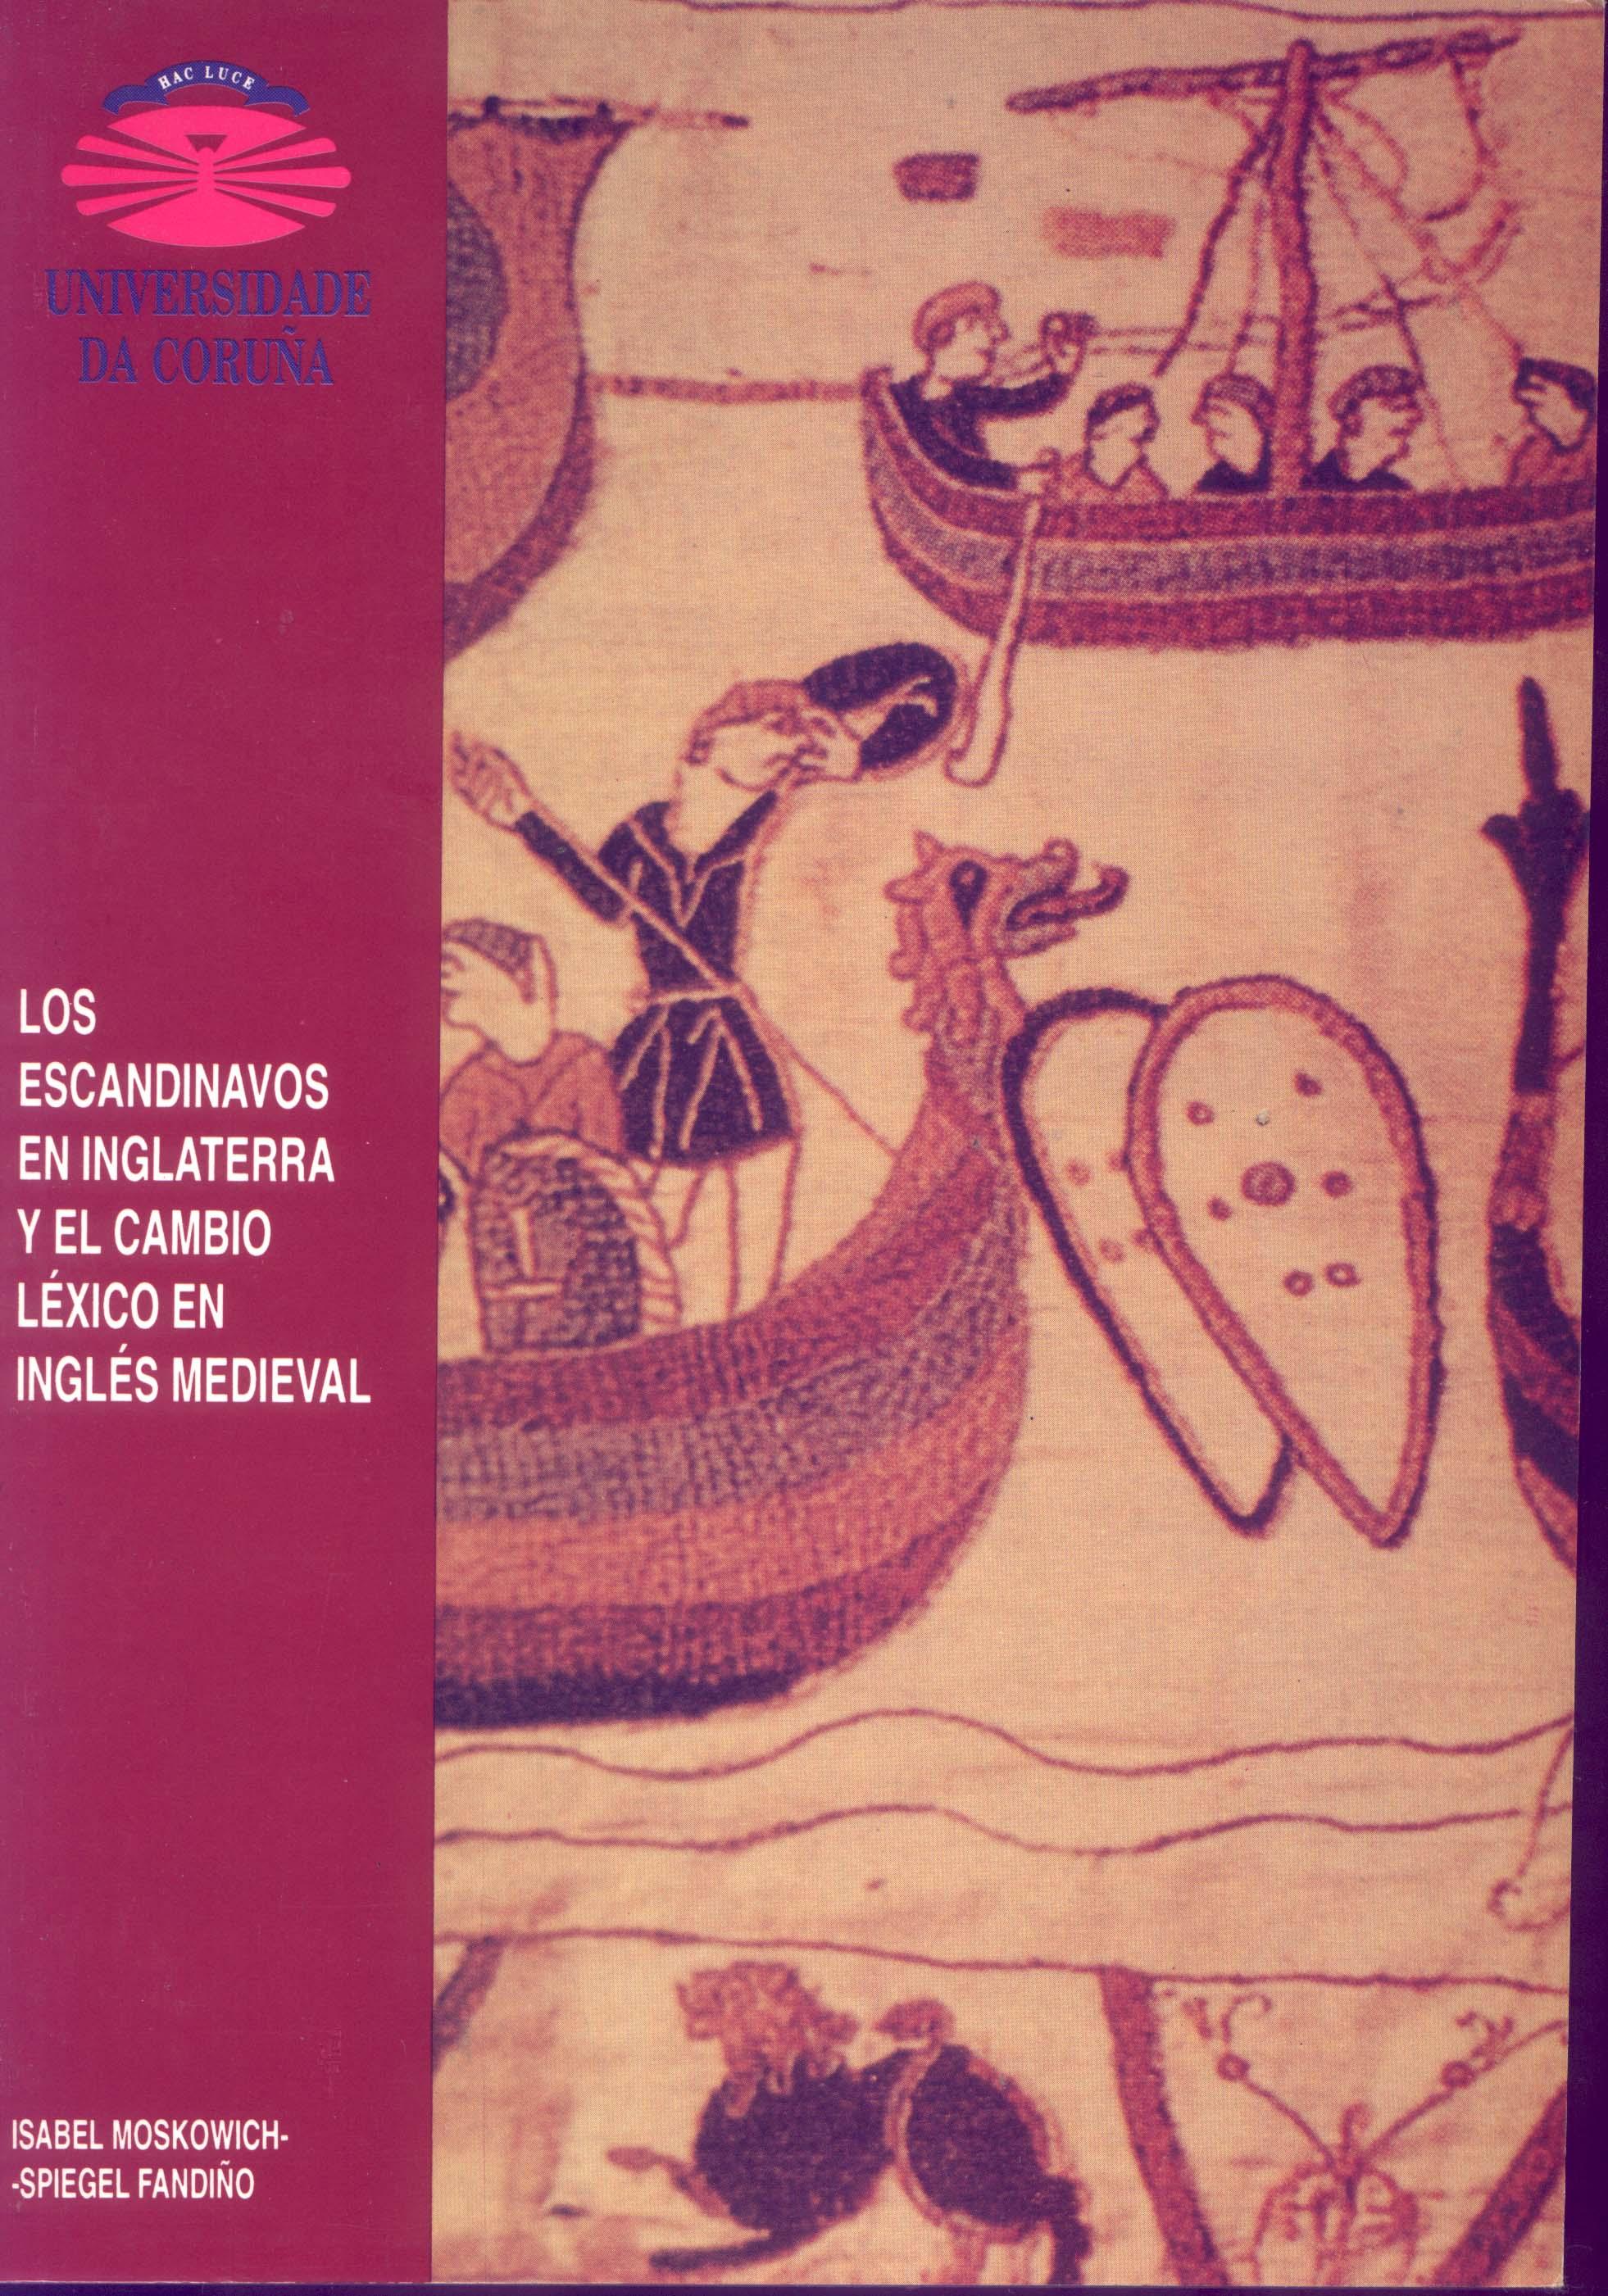 Los Escandinavos en Inglaterra y el cambio léxico en inglés medieval